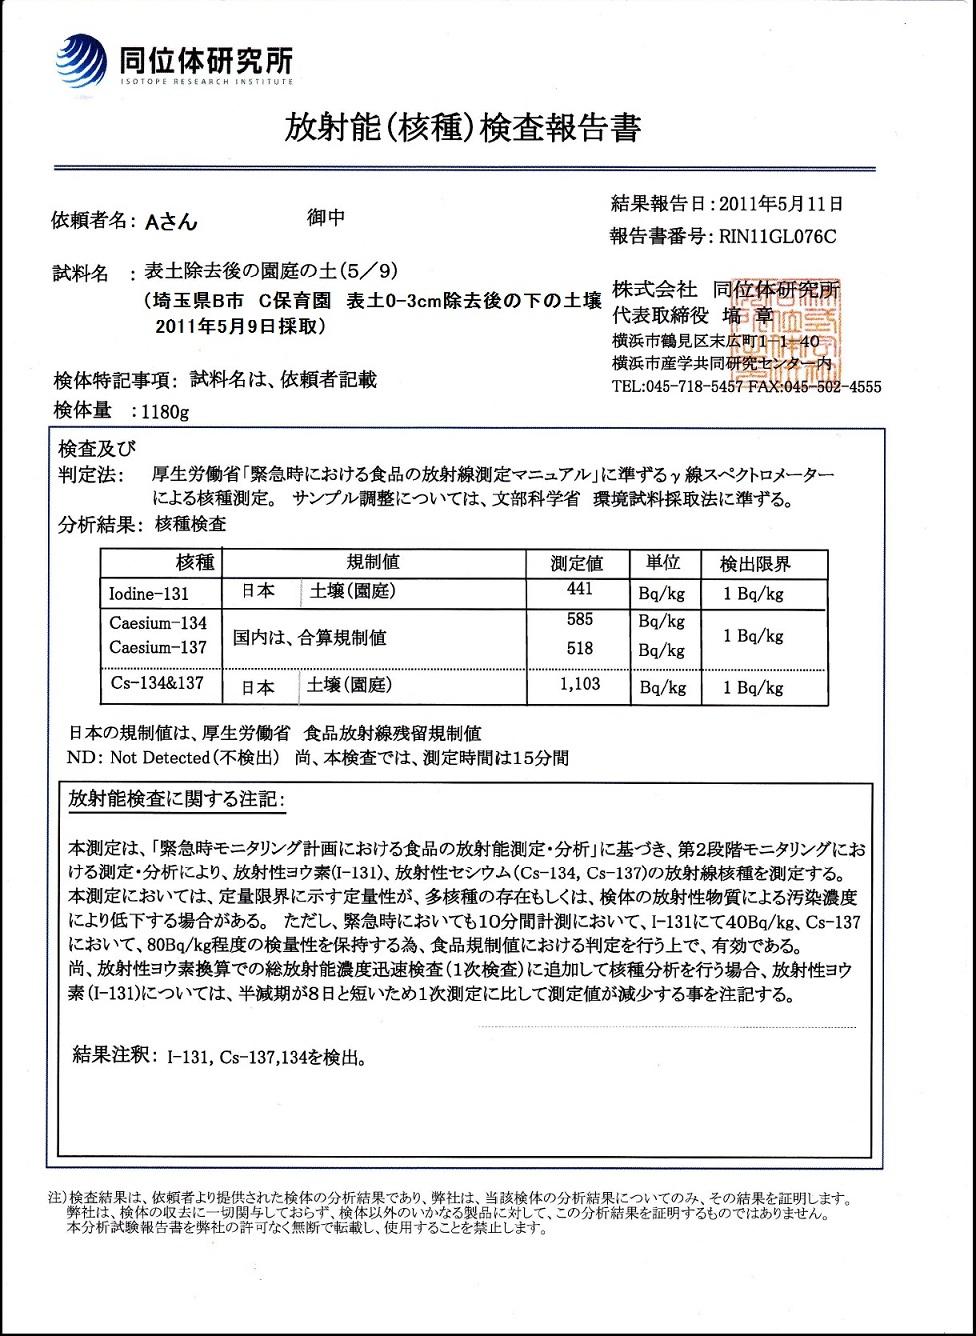 埼玉県B市 C保育園 表土 3cm除去後 ヨウ素131 441ベクレル毎kg セシウム合計1103 20110509